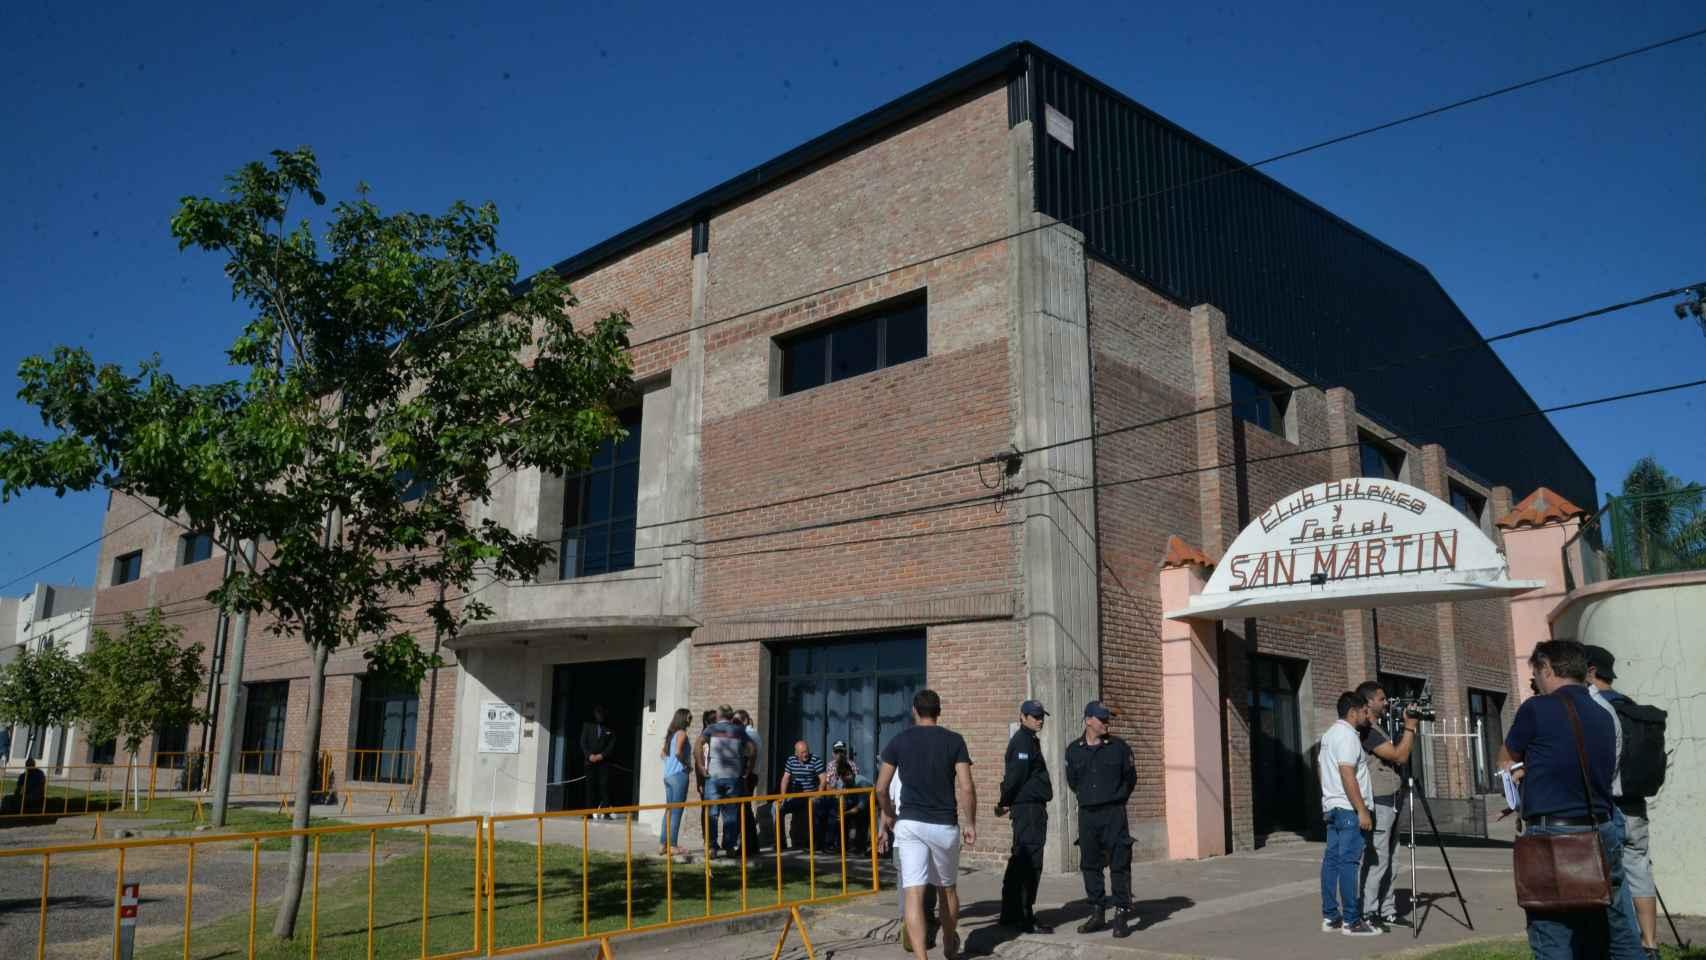 Sede del Club San Martín, lugar del velatorio de Emiliano Sala